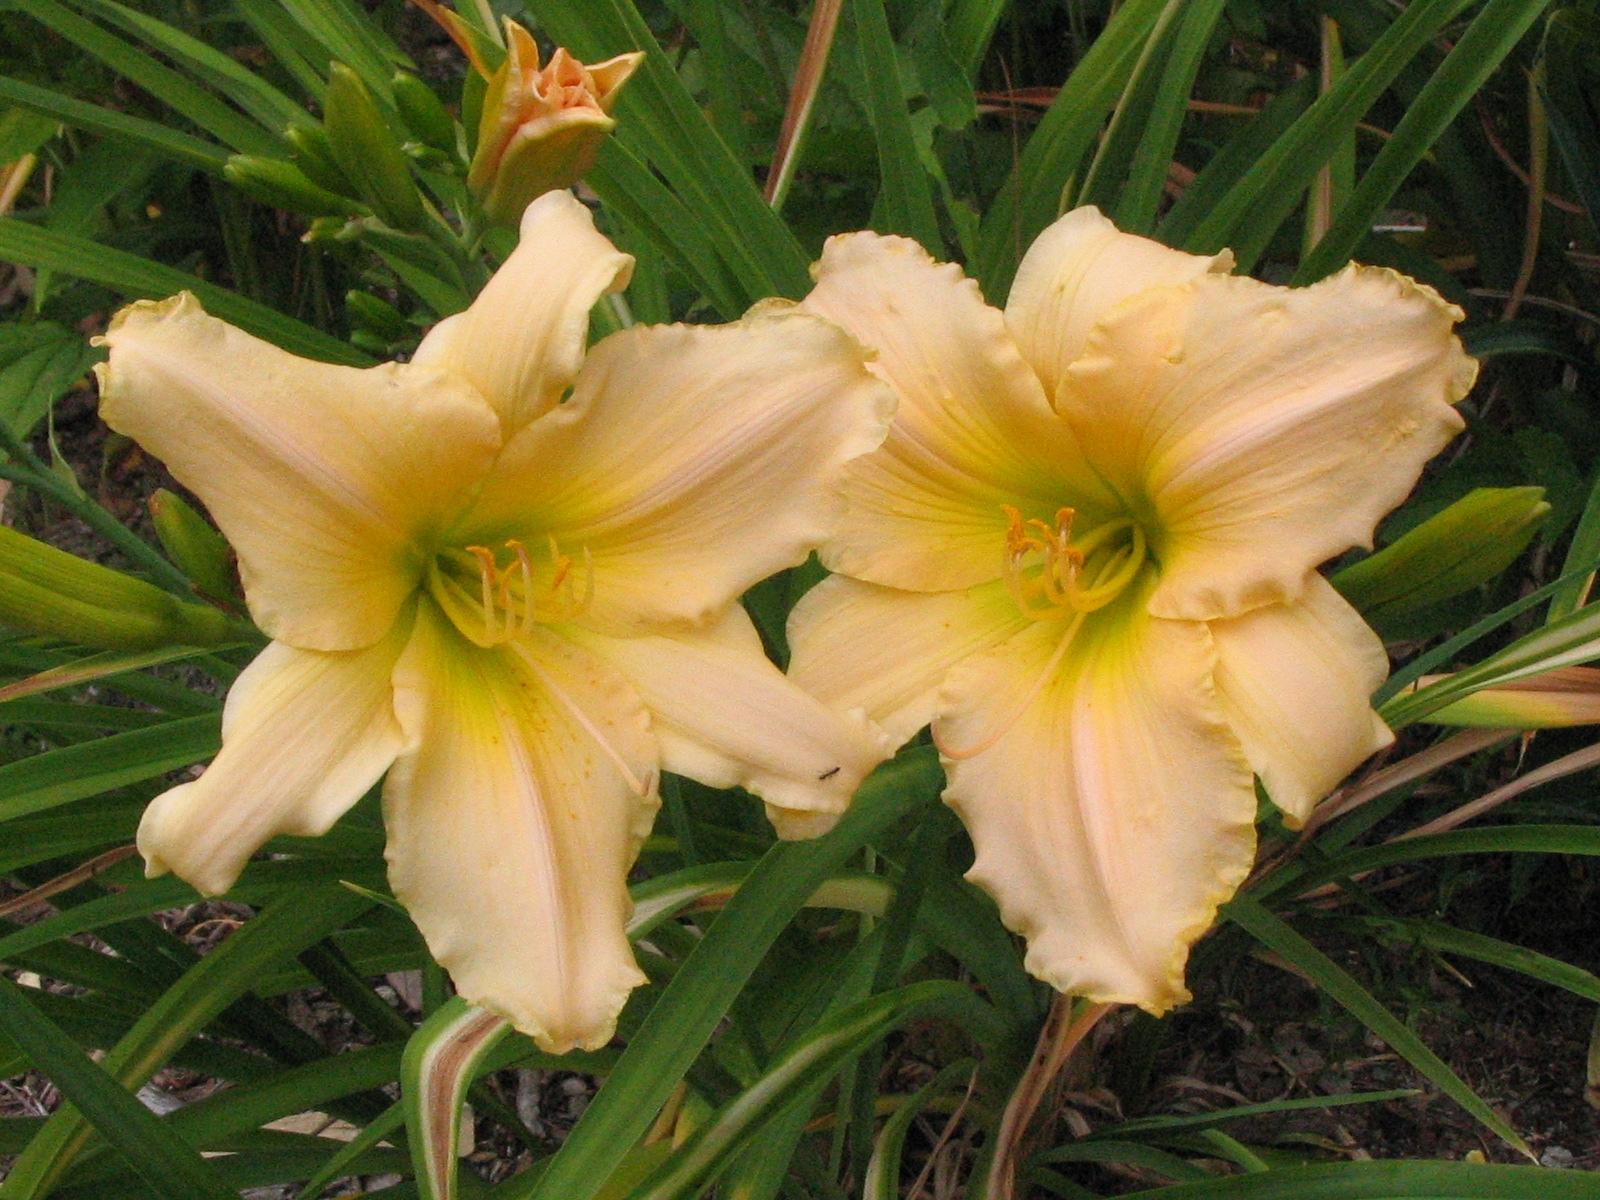 cultivar 'Precious One'